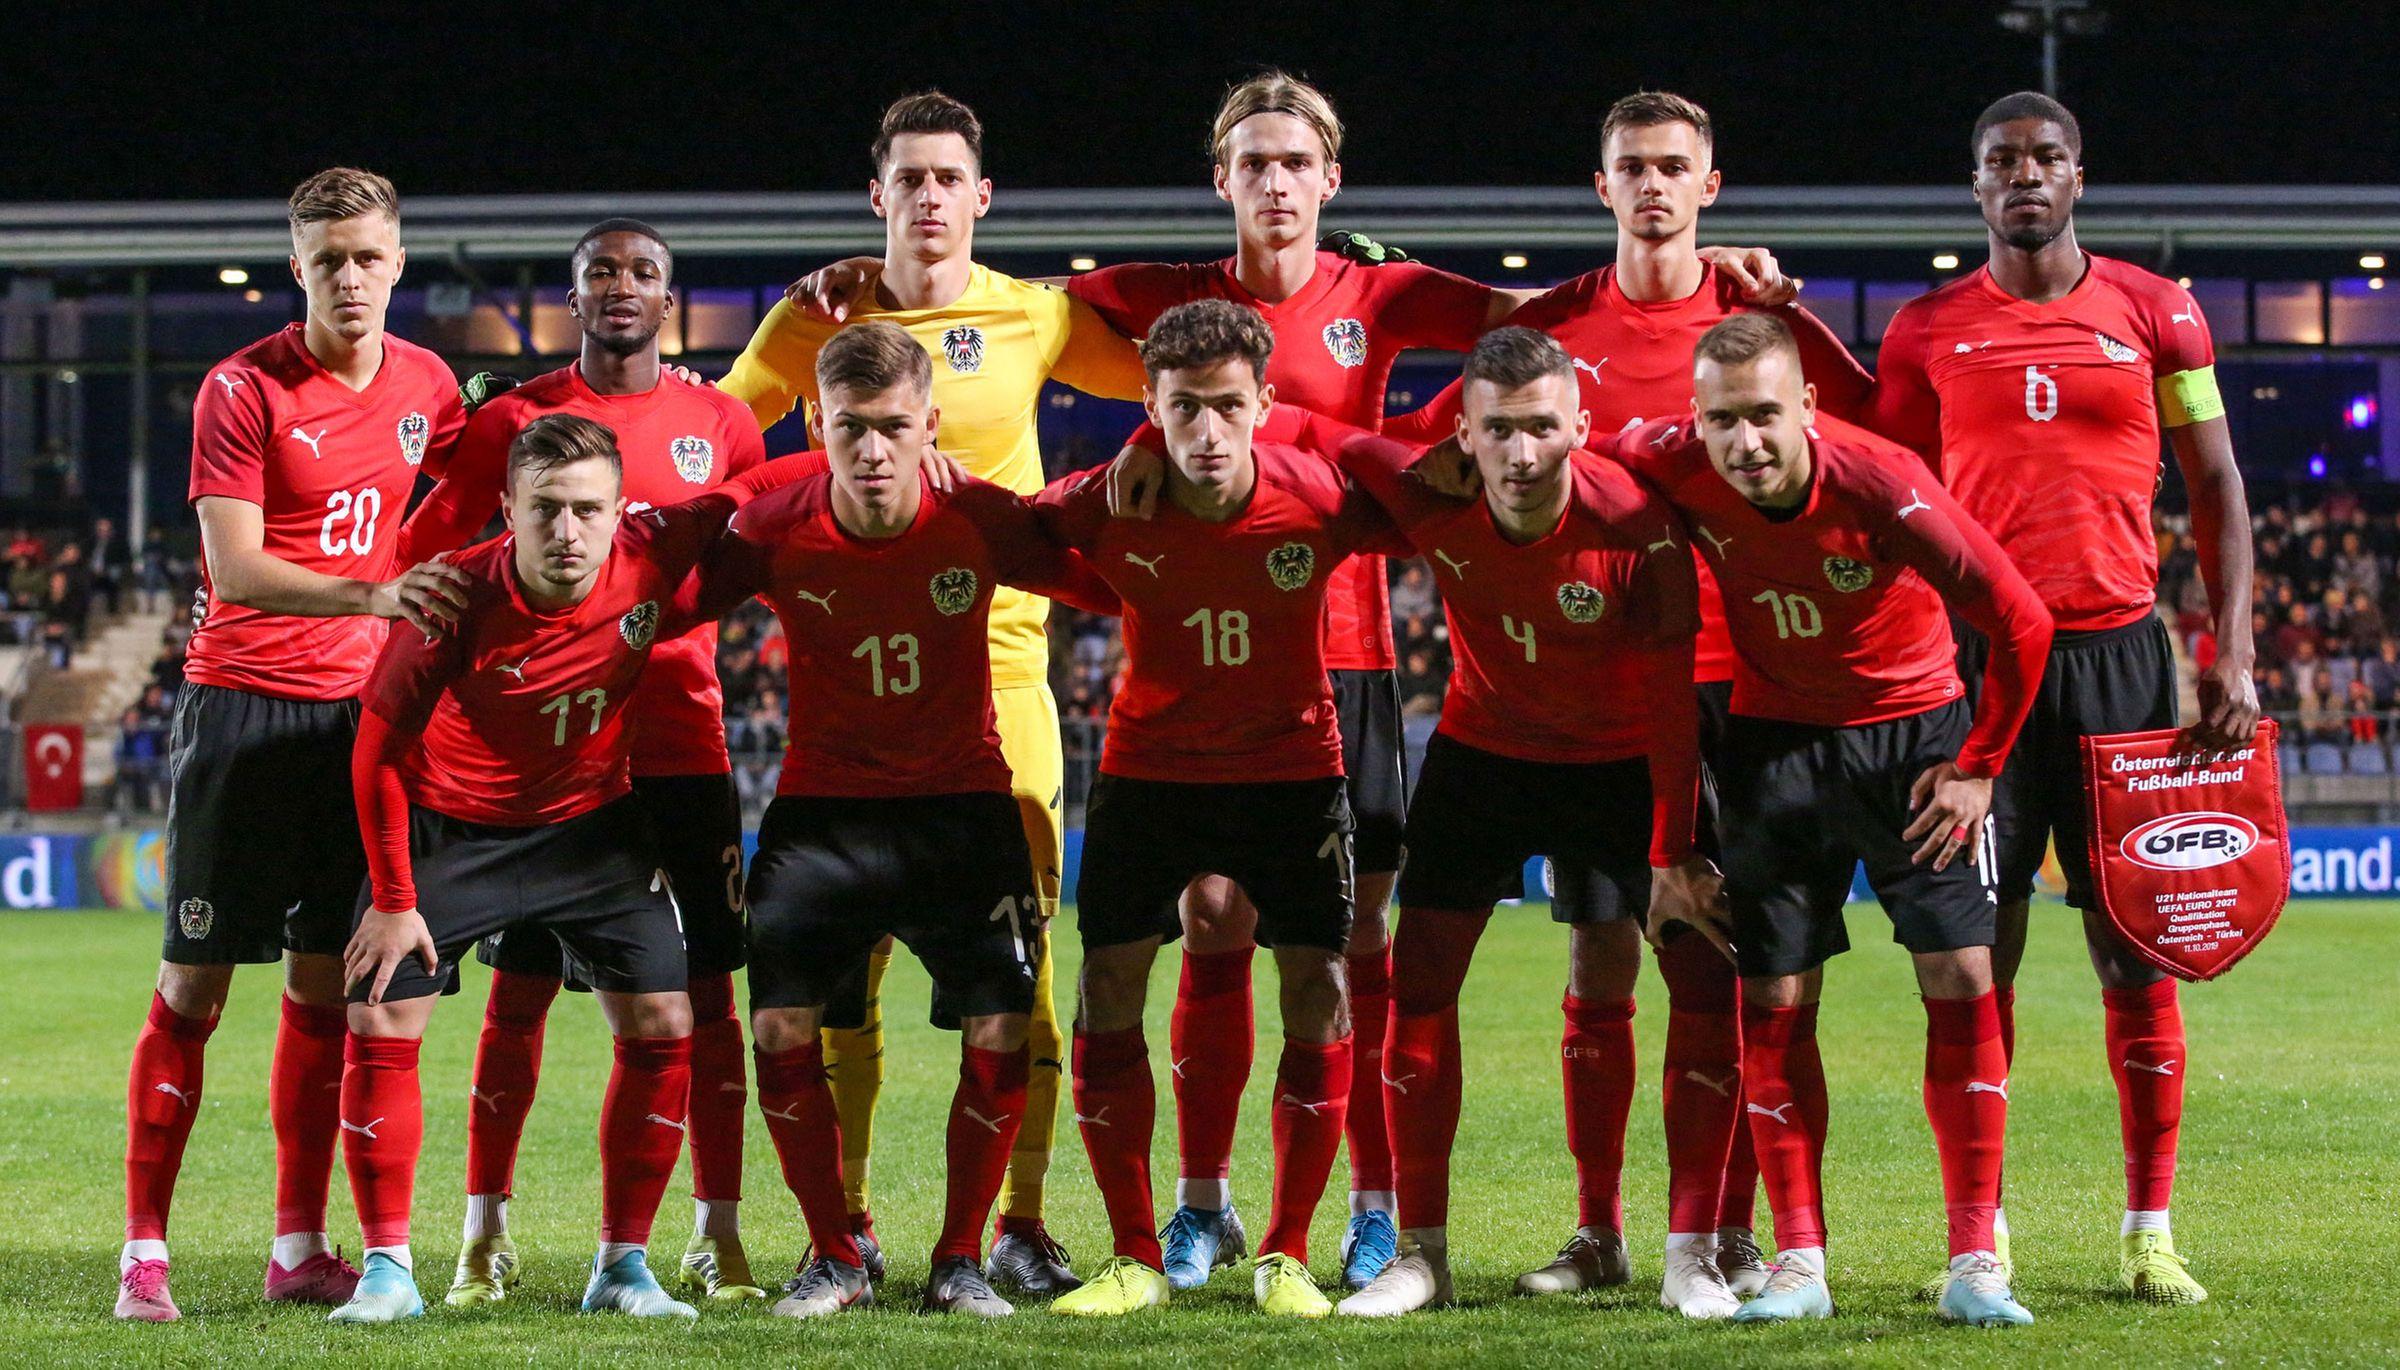 U21 Nationalteam Oefb At